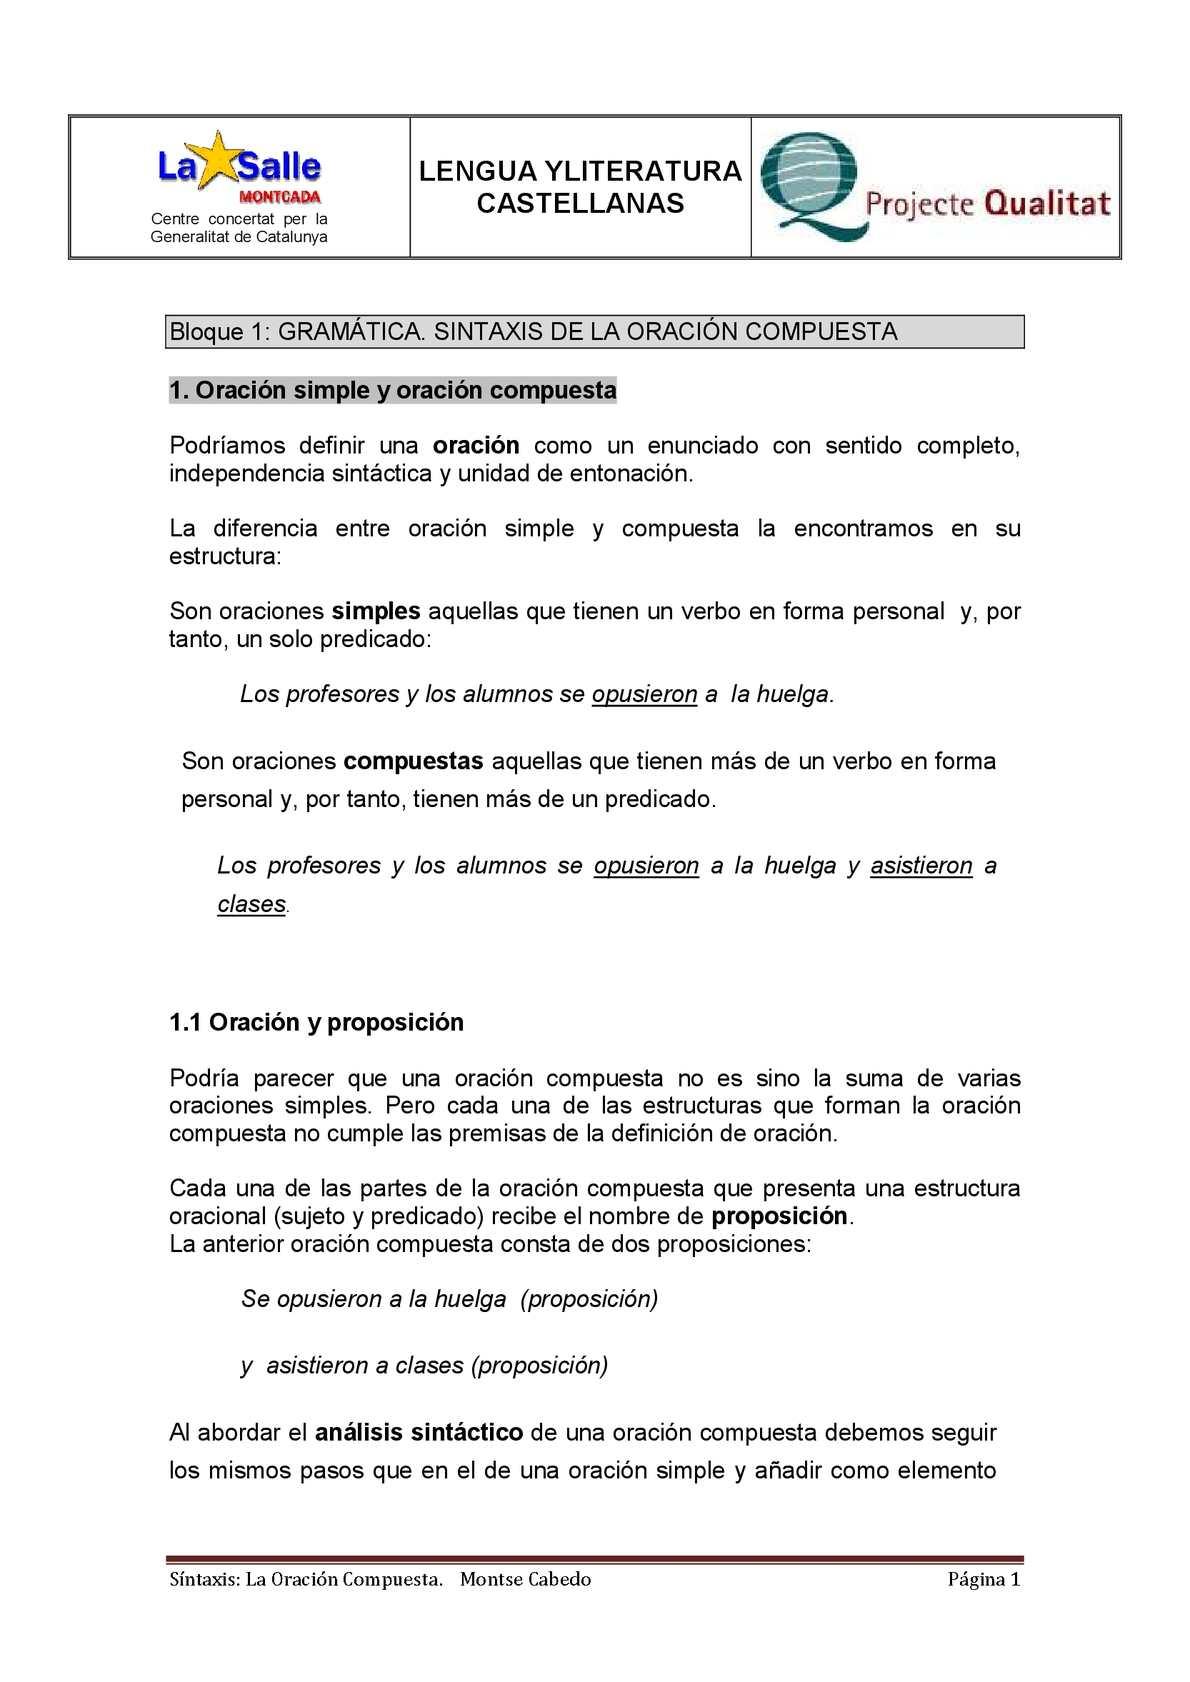 Calaméo Sintaxis Oración Compuesta